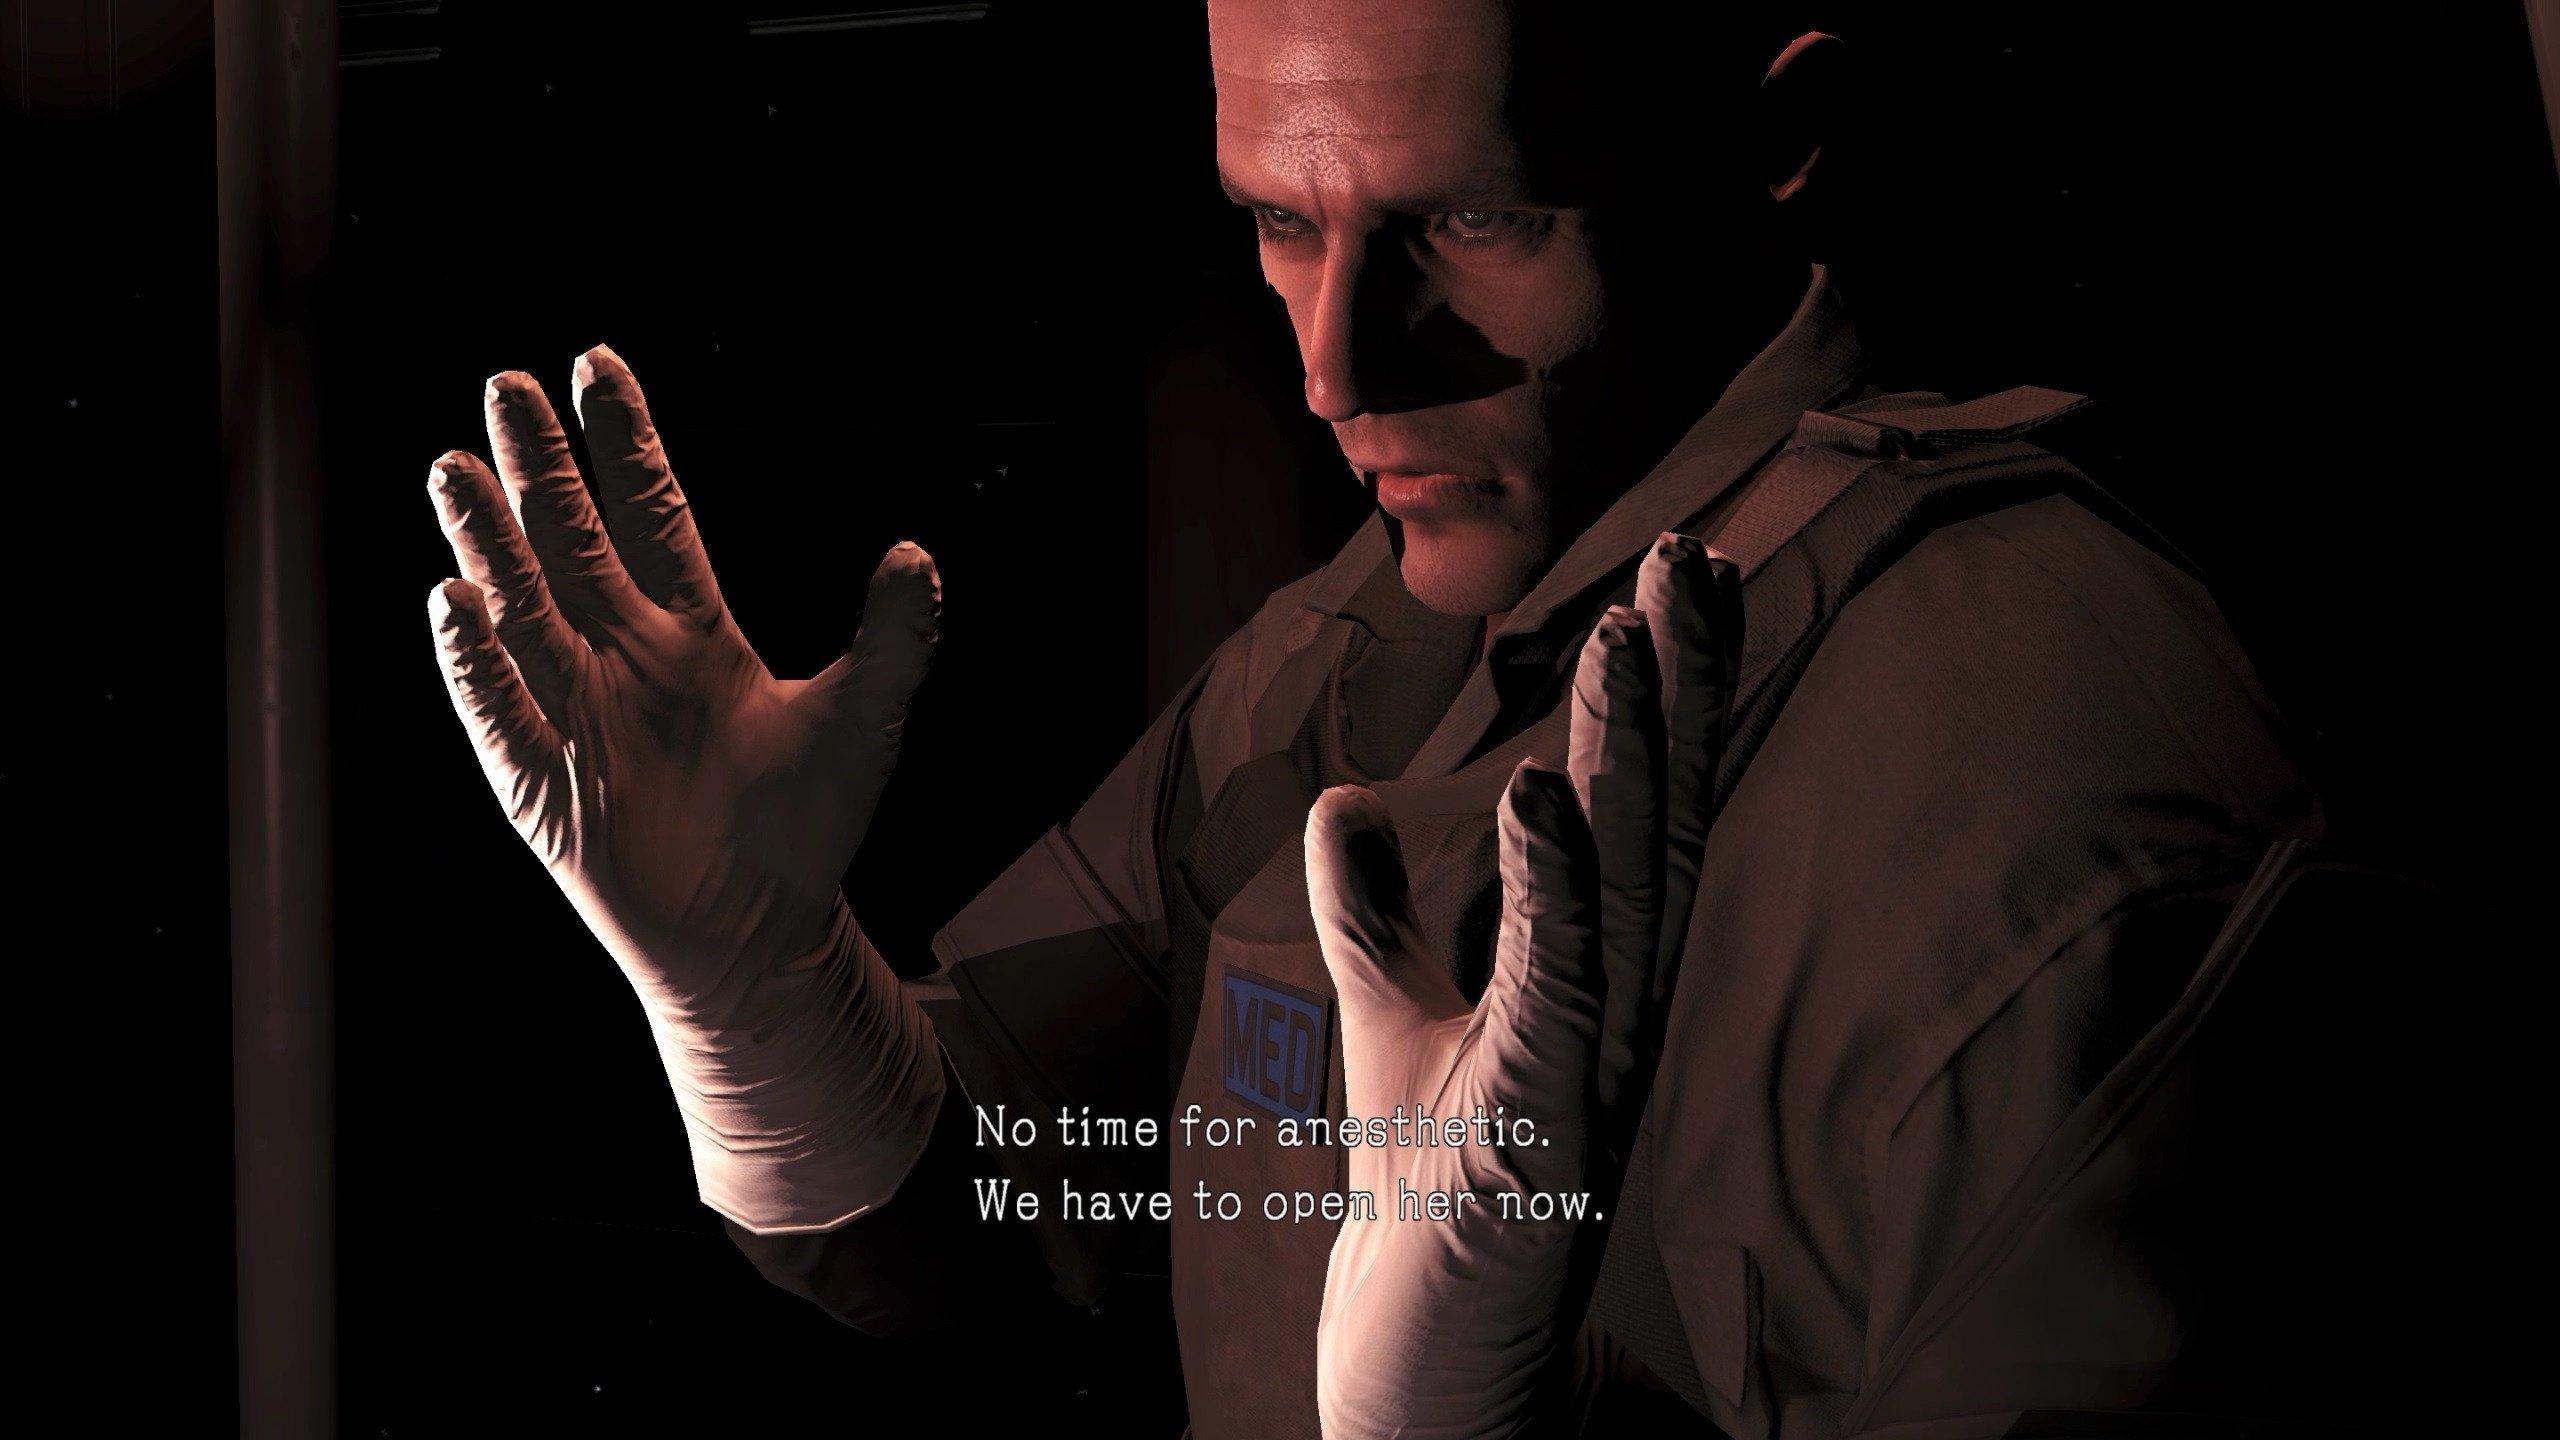 [дополнено] Кто убил Metal Gear Solid V? (спойлеры). - Изображение 4